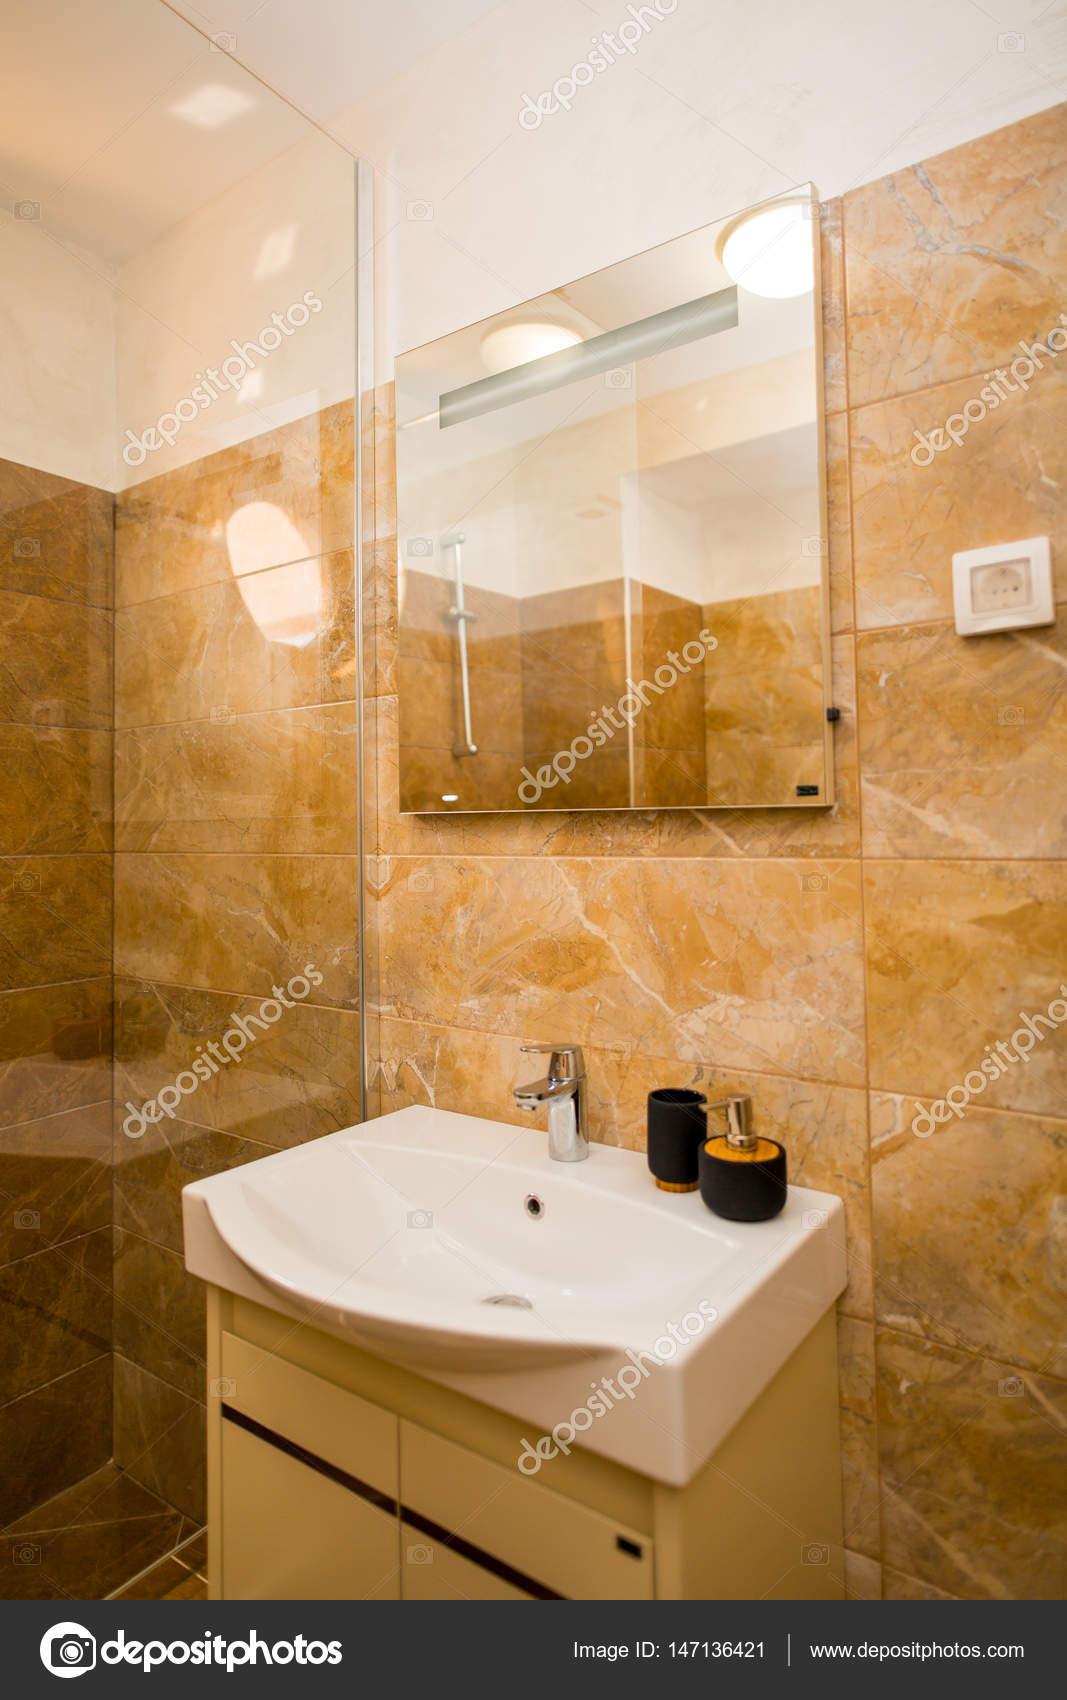 Waschbecken Im Badezimmer. Sanitär Im Bad. Die Interio U2014 Stockfoto